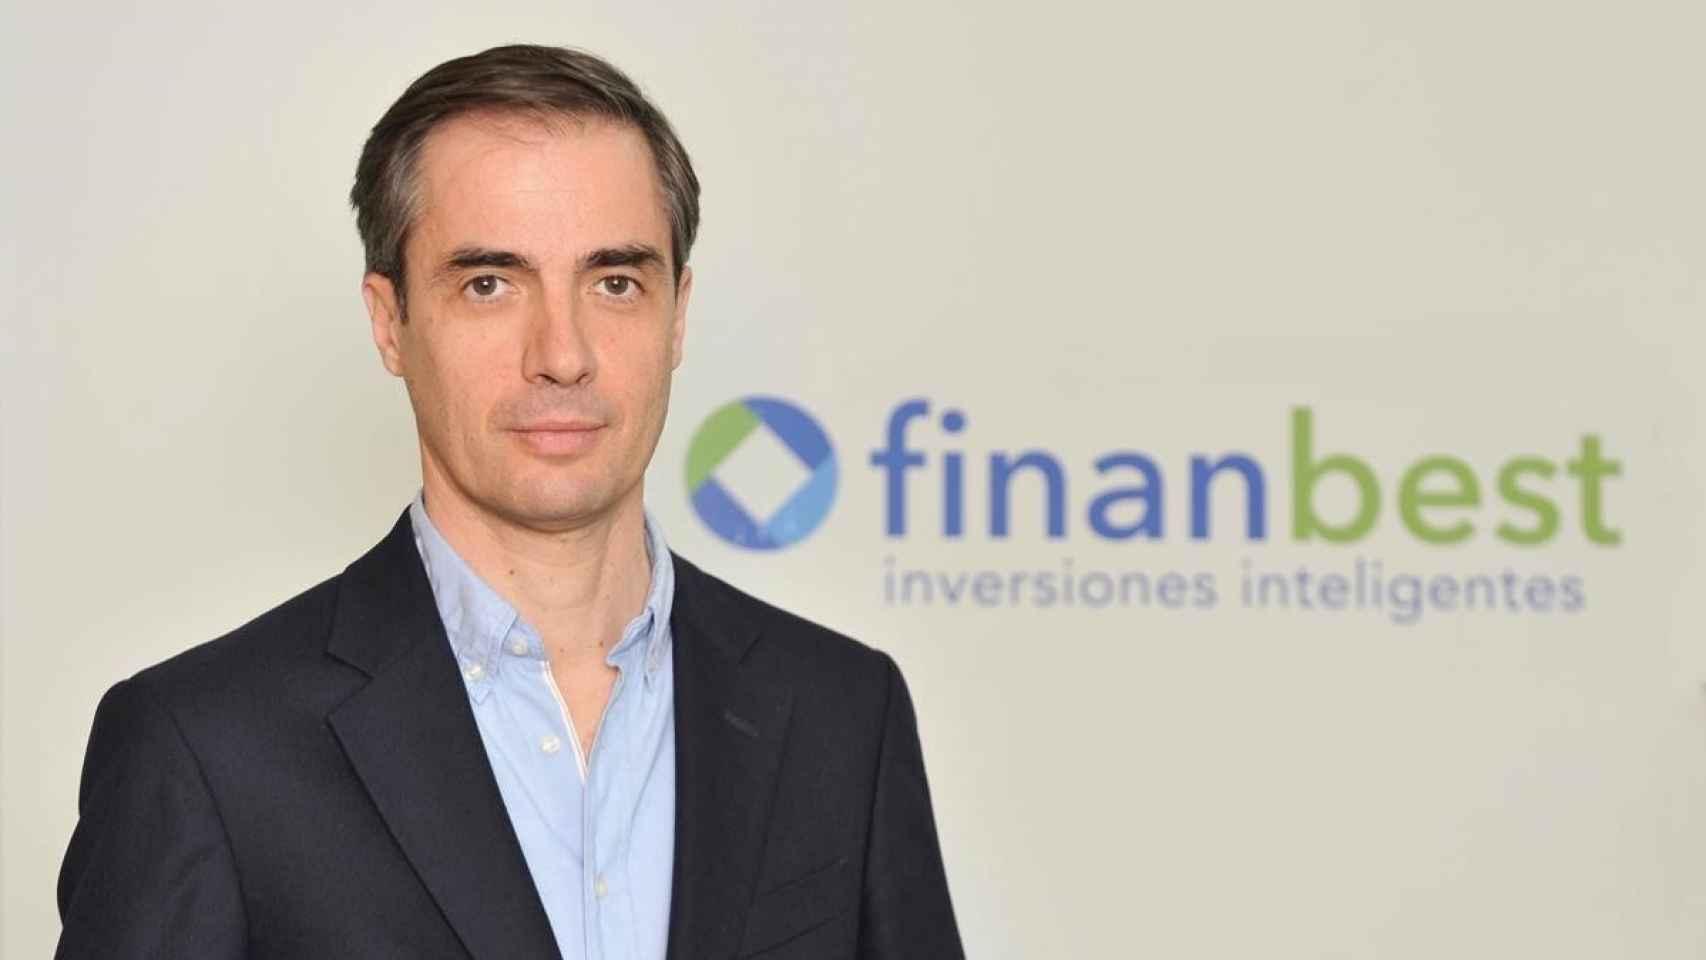 Asier Uribeechebarria, CEO y fundador de Finanbest.